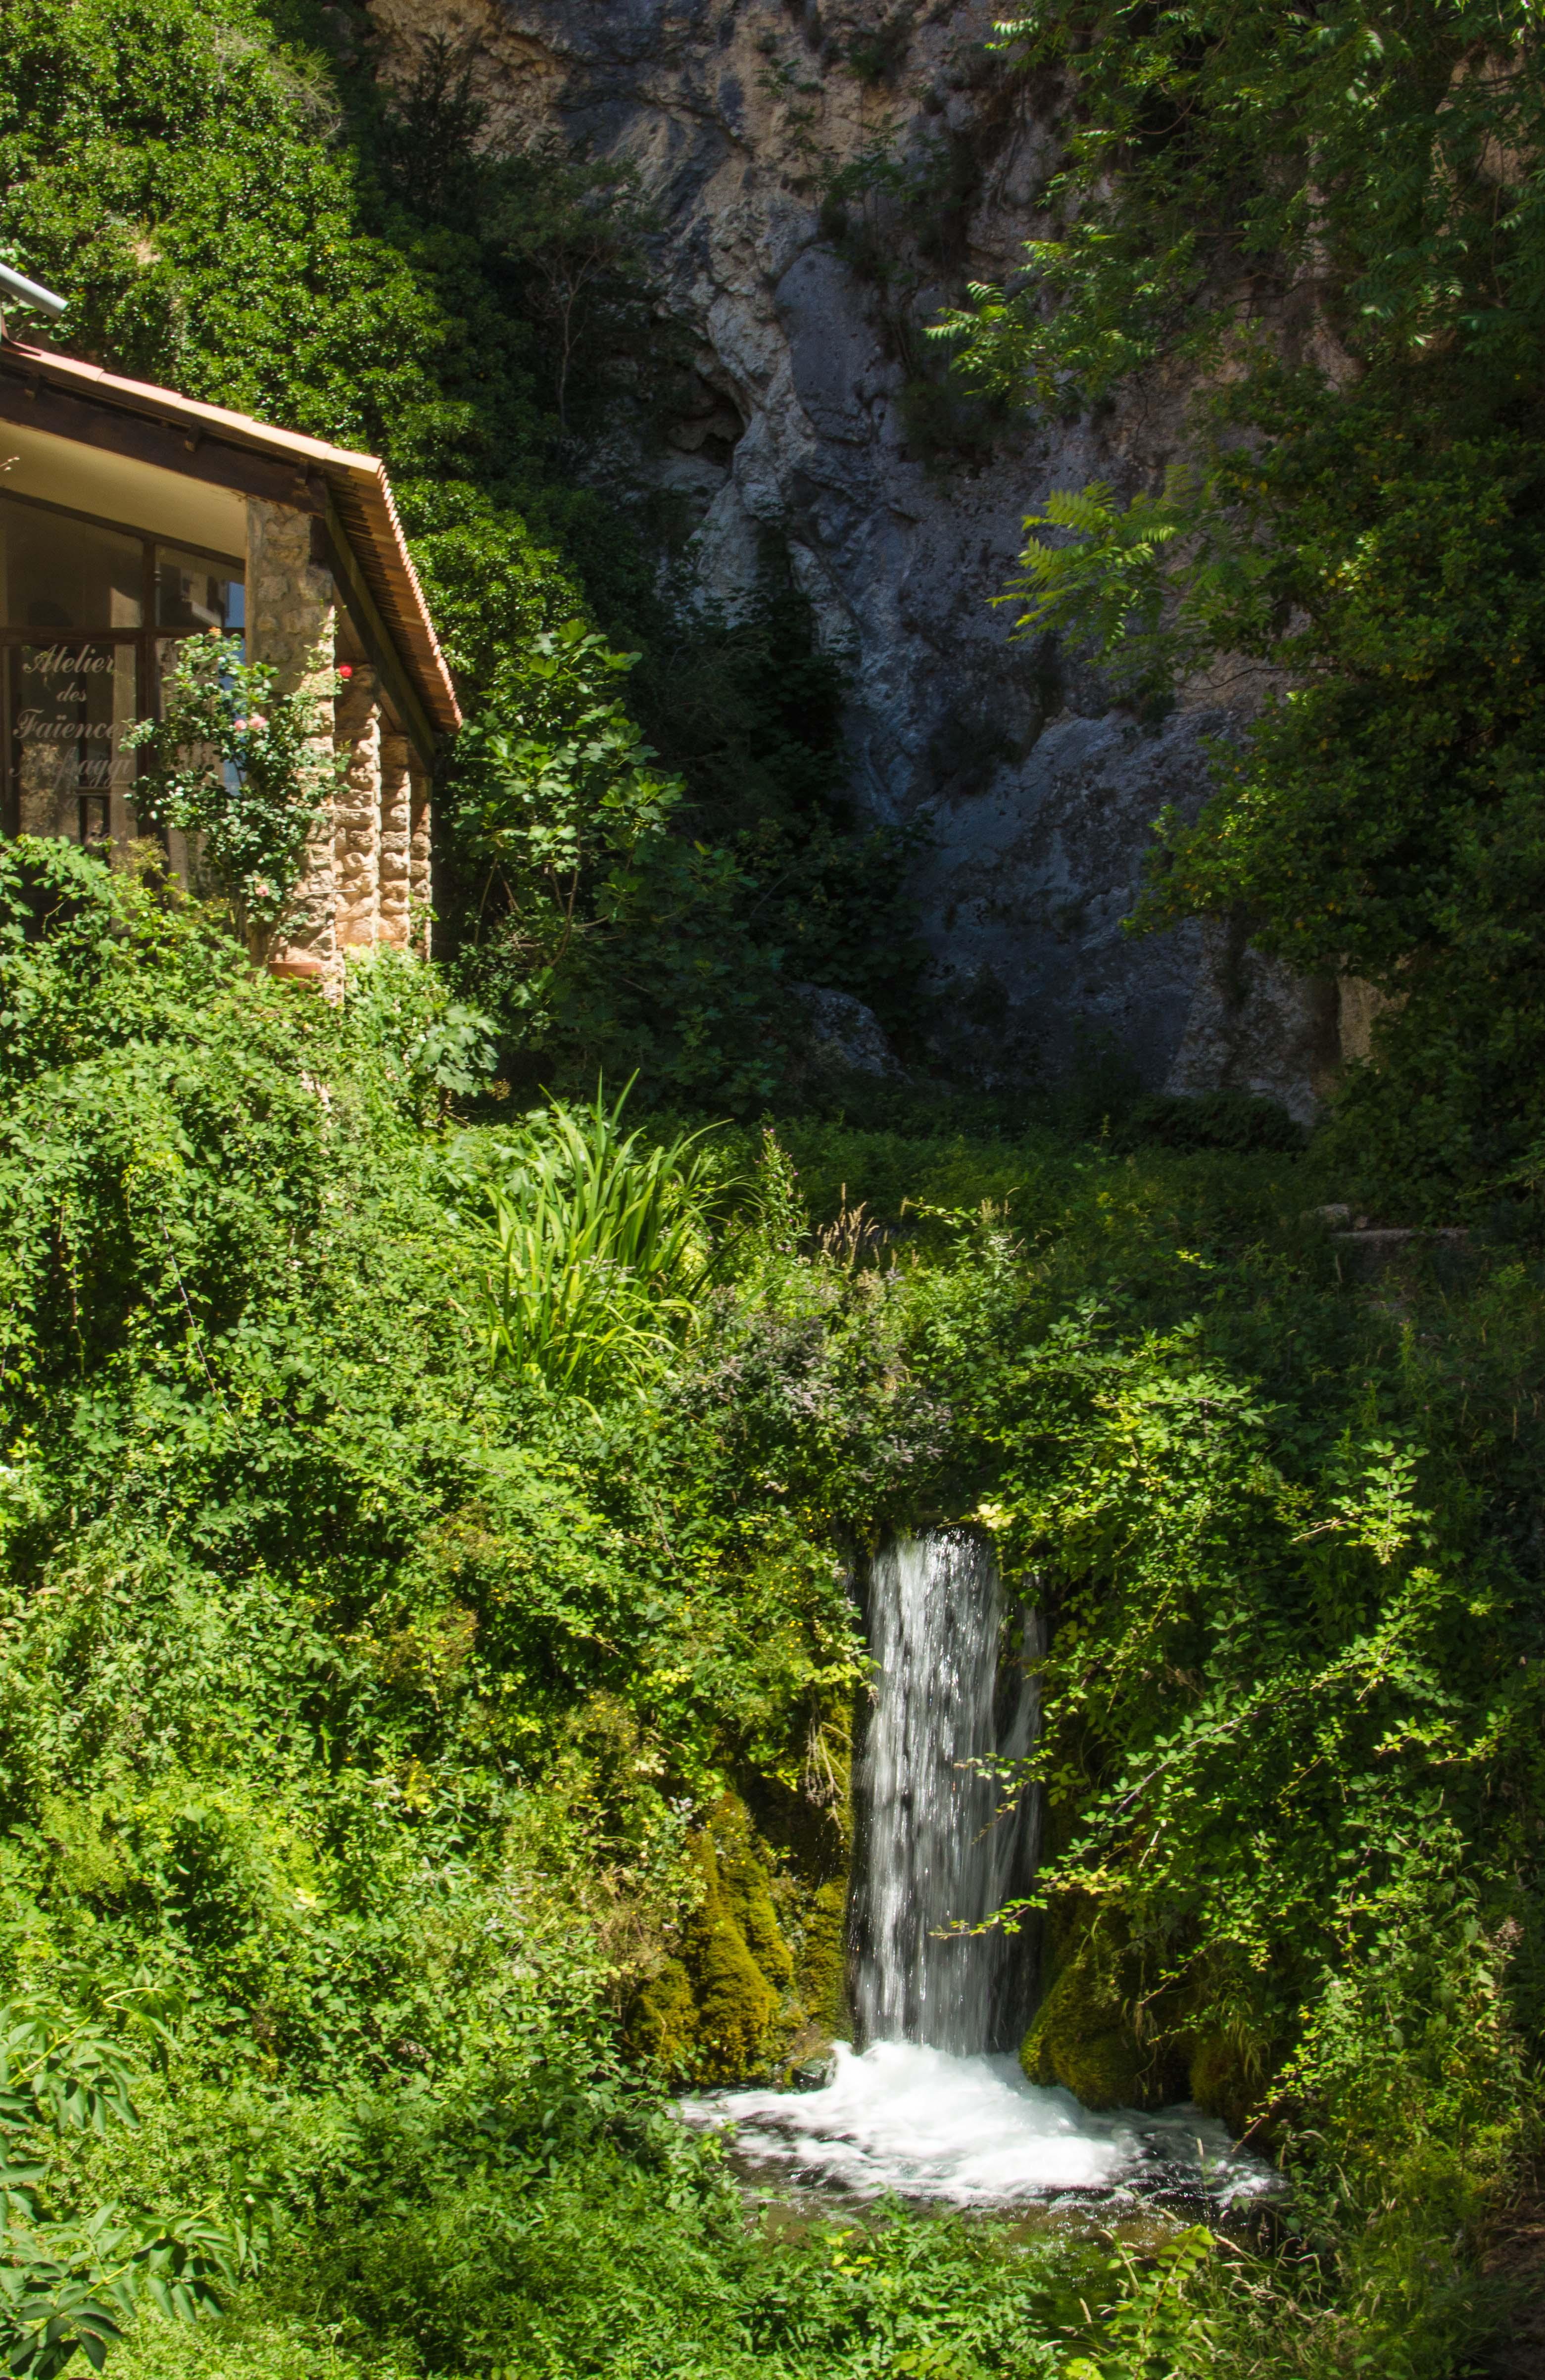 castellana12 Vacanze in Provenza, Camargue e Costa Azzurra